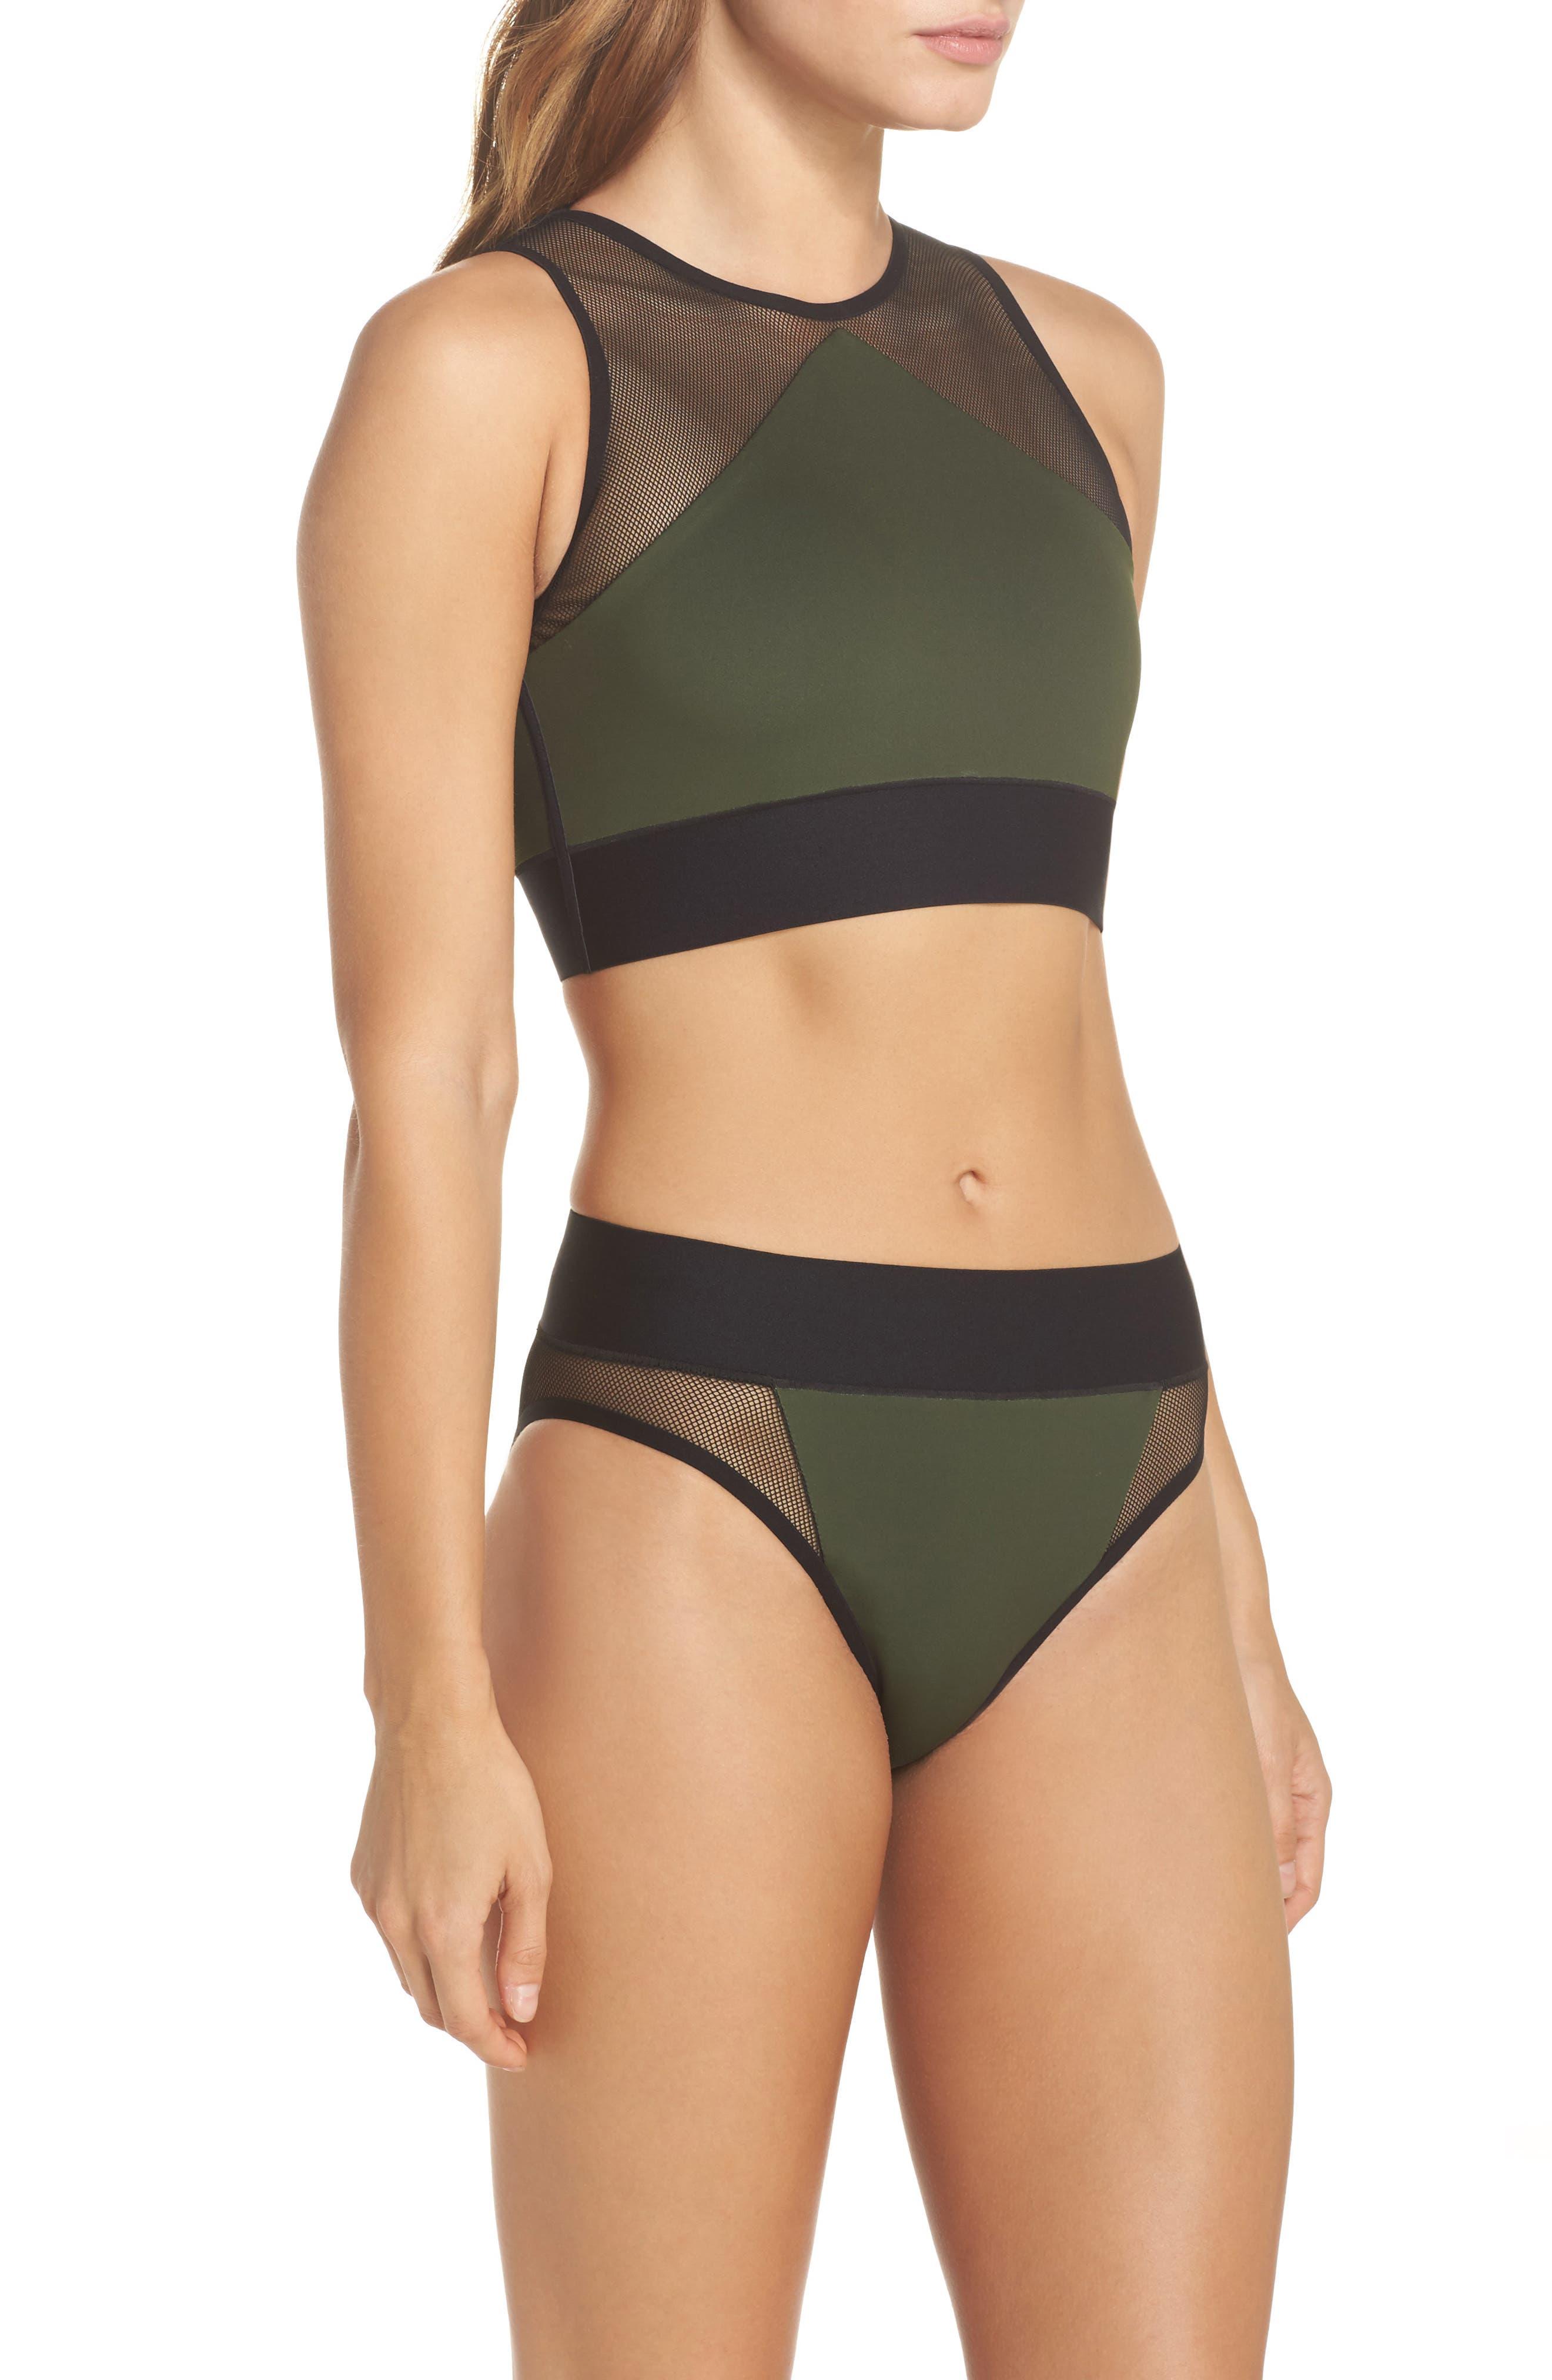 Adrift Sport Mesh Bikini Top,                             Alternate thumbnail 9, color,                             300